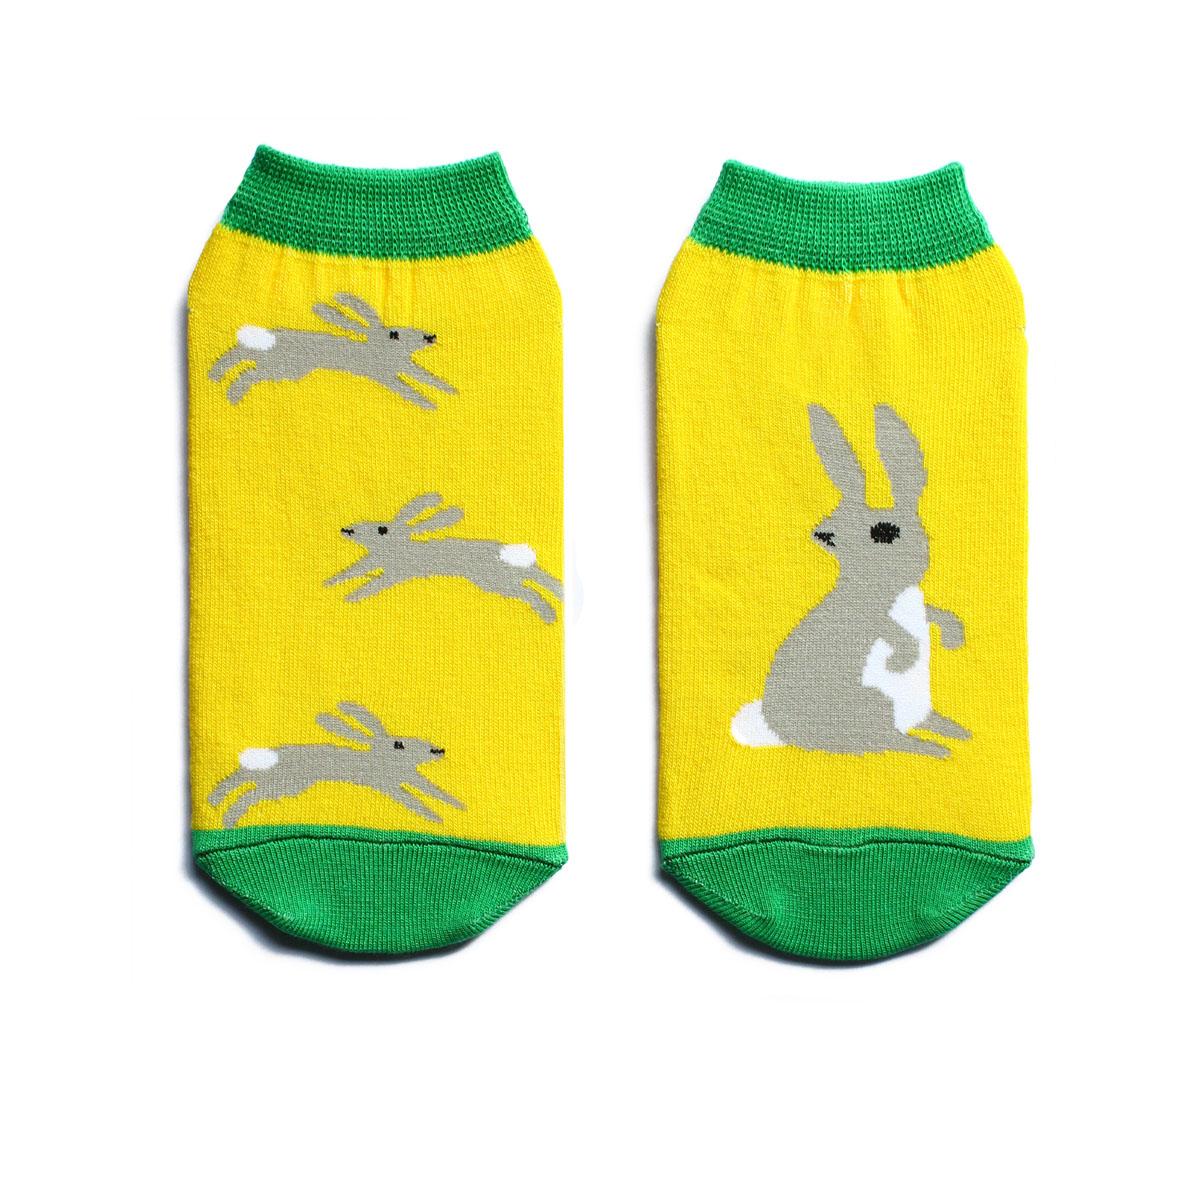 Носкиn232Яркие носки Big Bang Socks изготовлены из высококачественного хлопка с добавлением полиамида и эластана, которые обеспечивают отличную посадку. Модель с укороченным паголенком оформлена оригинальным принтом с изображением зайцев. Широкая резинка плотно облегает ногу и обеспечивает удобство, не сдавливая ее.